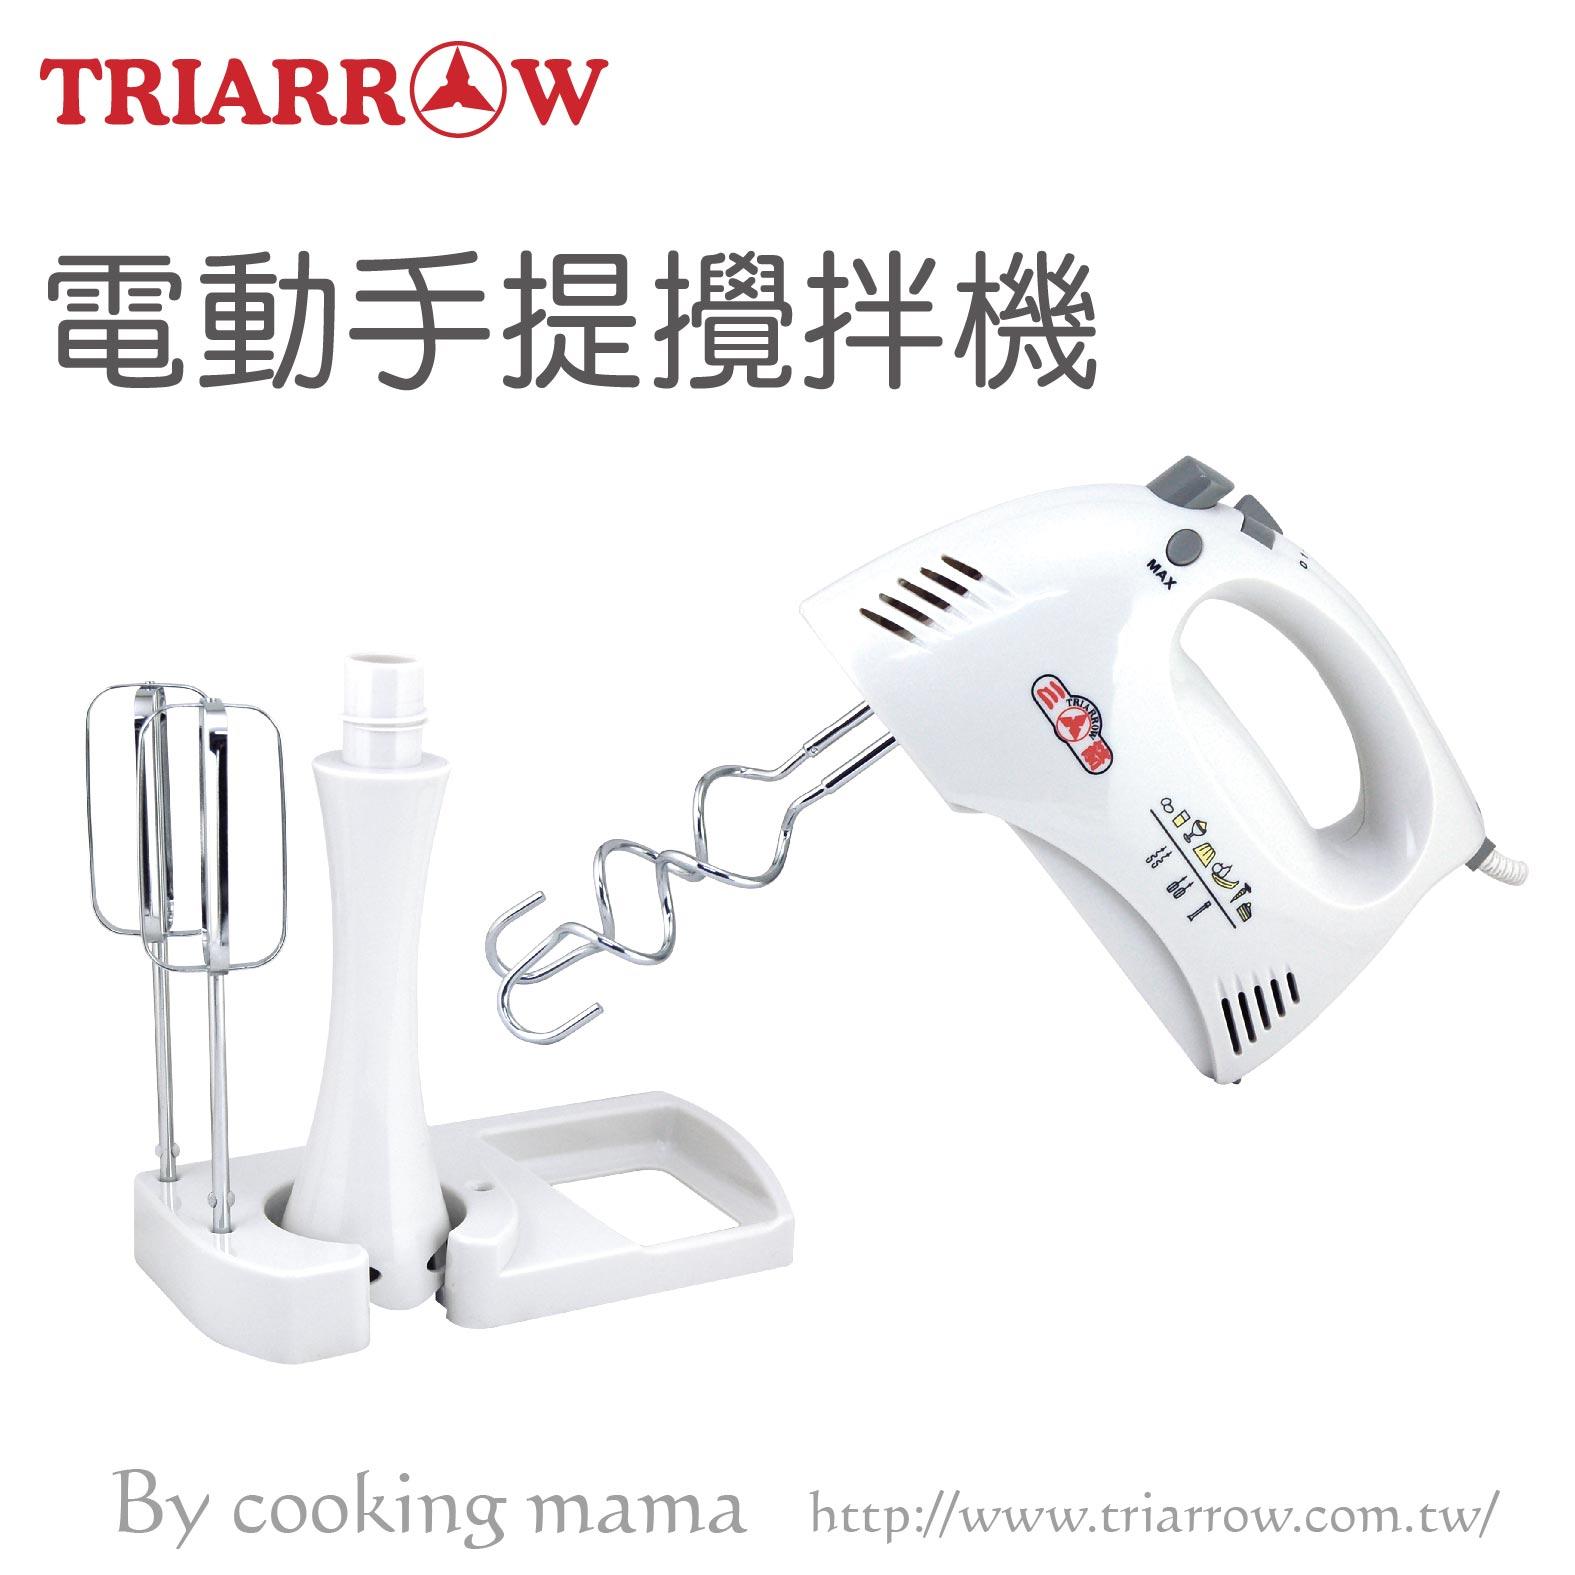 烘焙料理~三箭手提式電動攪拌器、打蛋器(含攪拌頭)HM-250A/HM250A《刷卡分期+免運費》